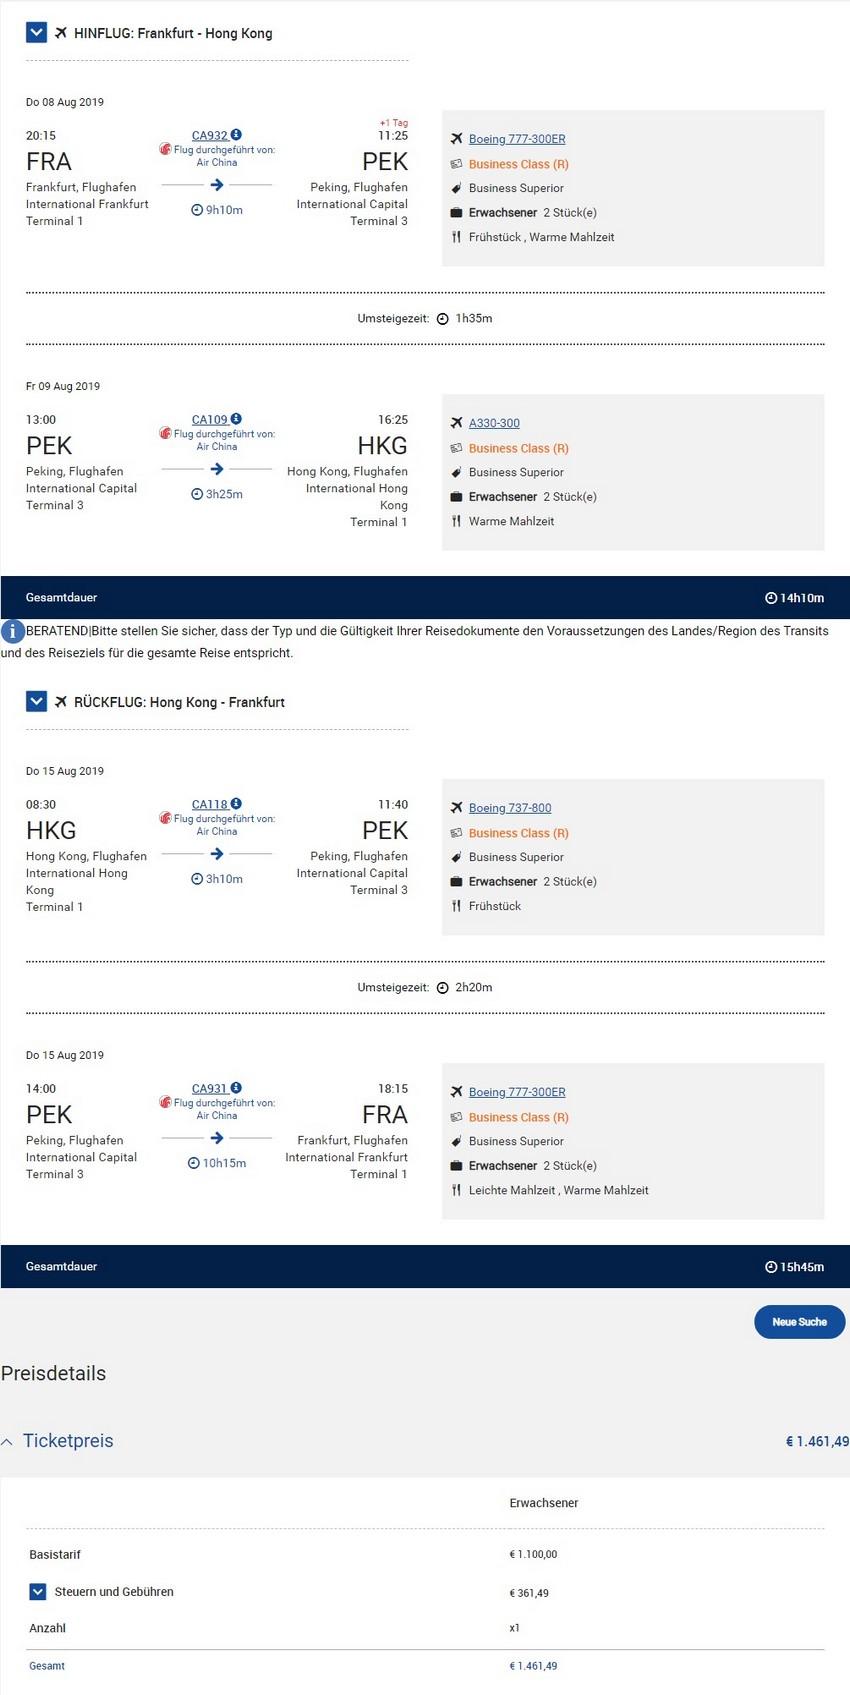 Preisbeispiel von Frankfurt nach Hong Kong in der Air China Business-Class